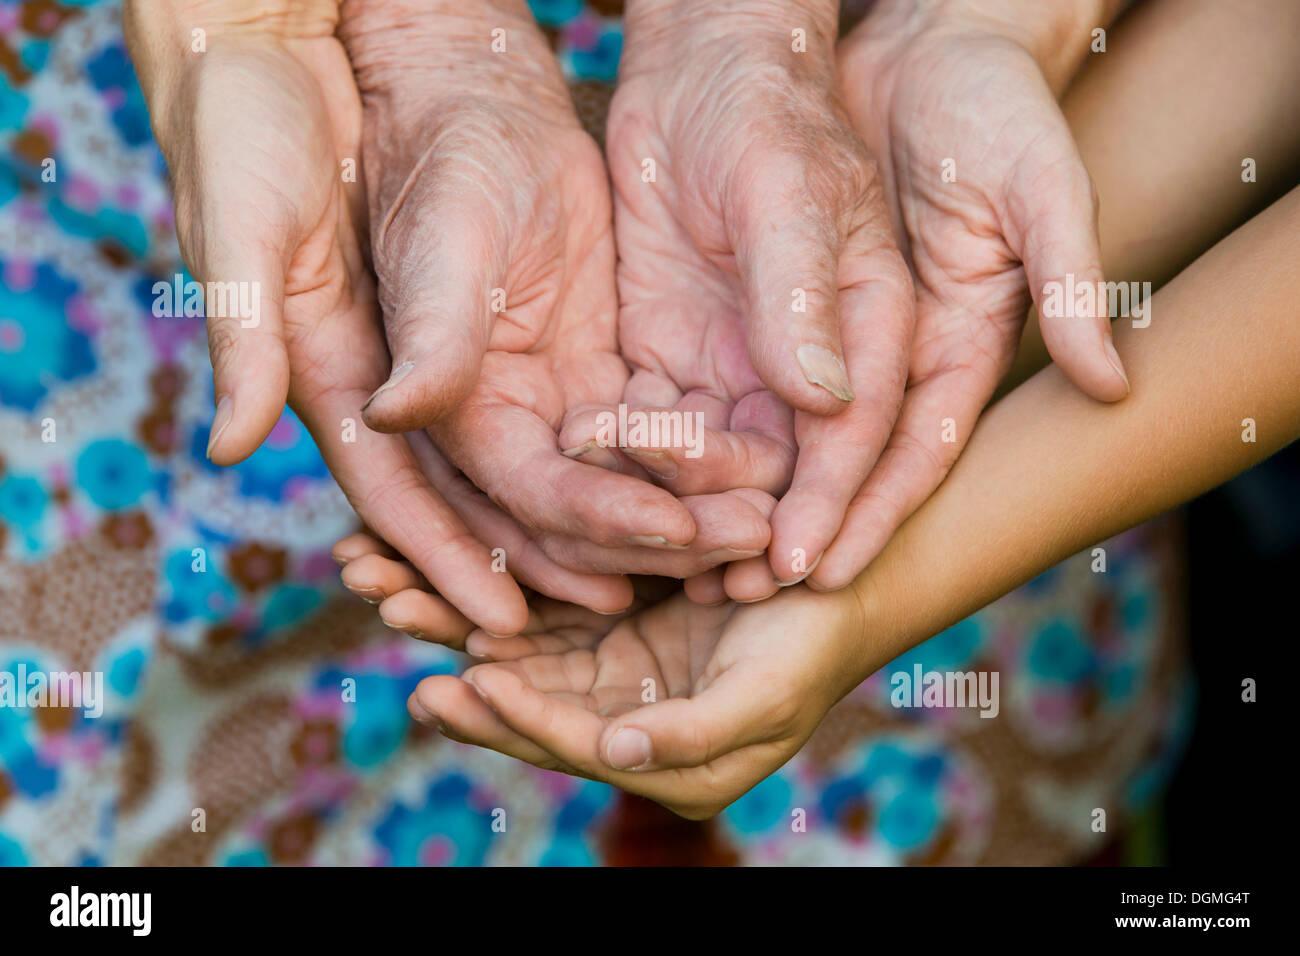 Les mains d'un adulte, une femme âgée et un enfant Banque D'Images